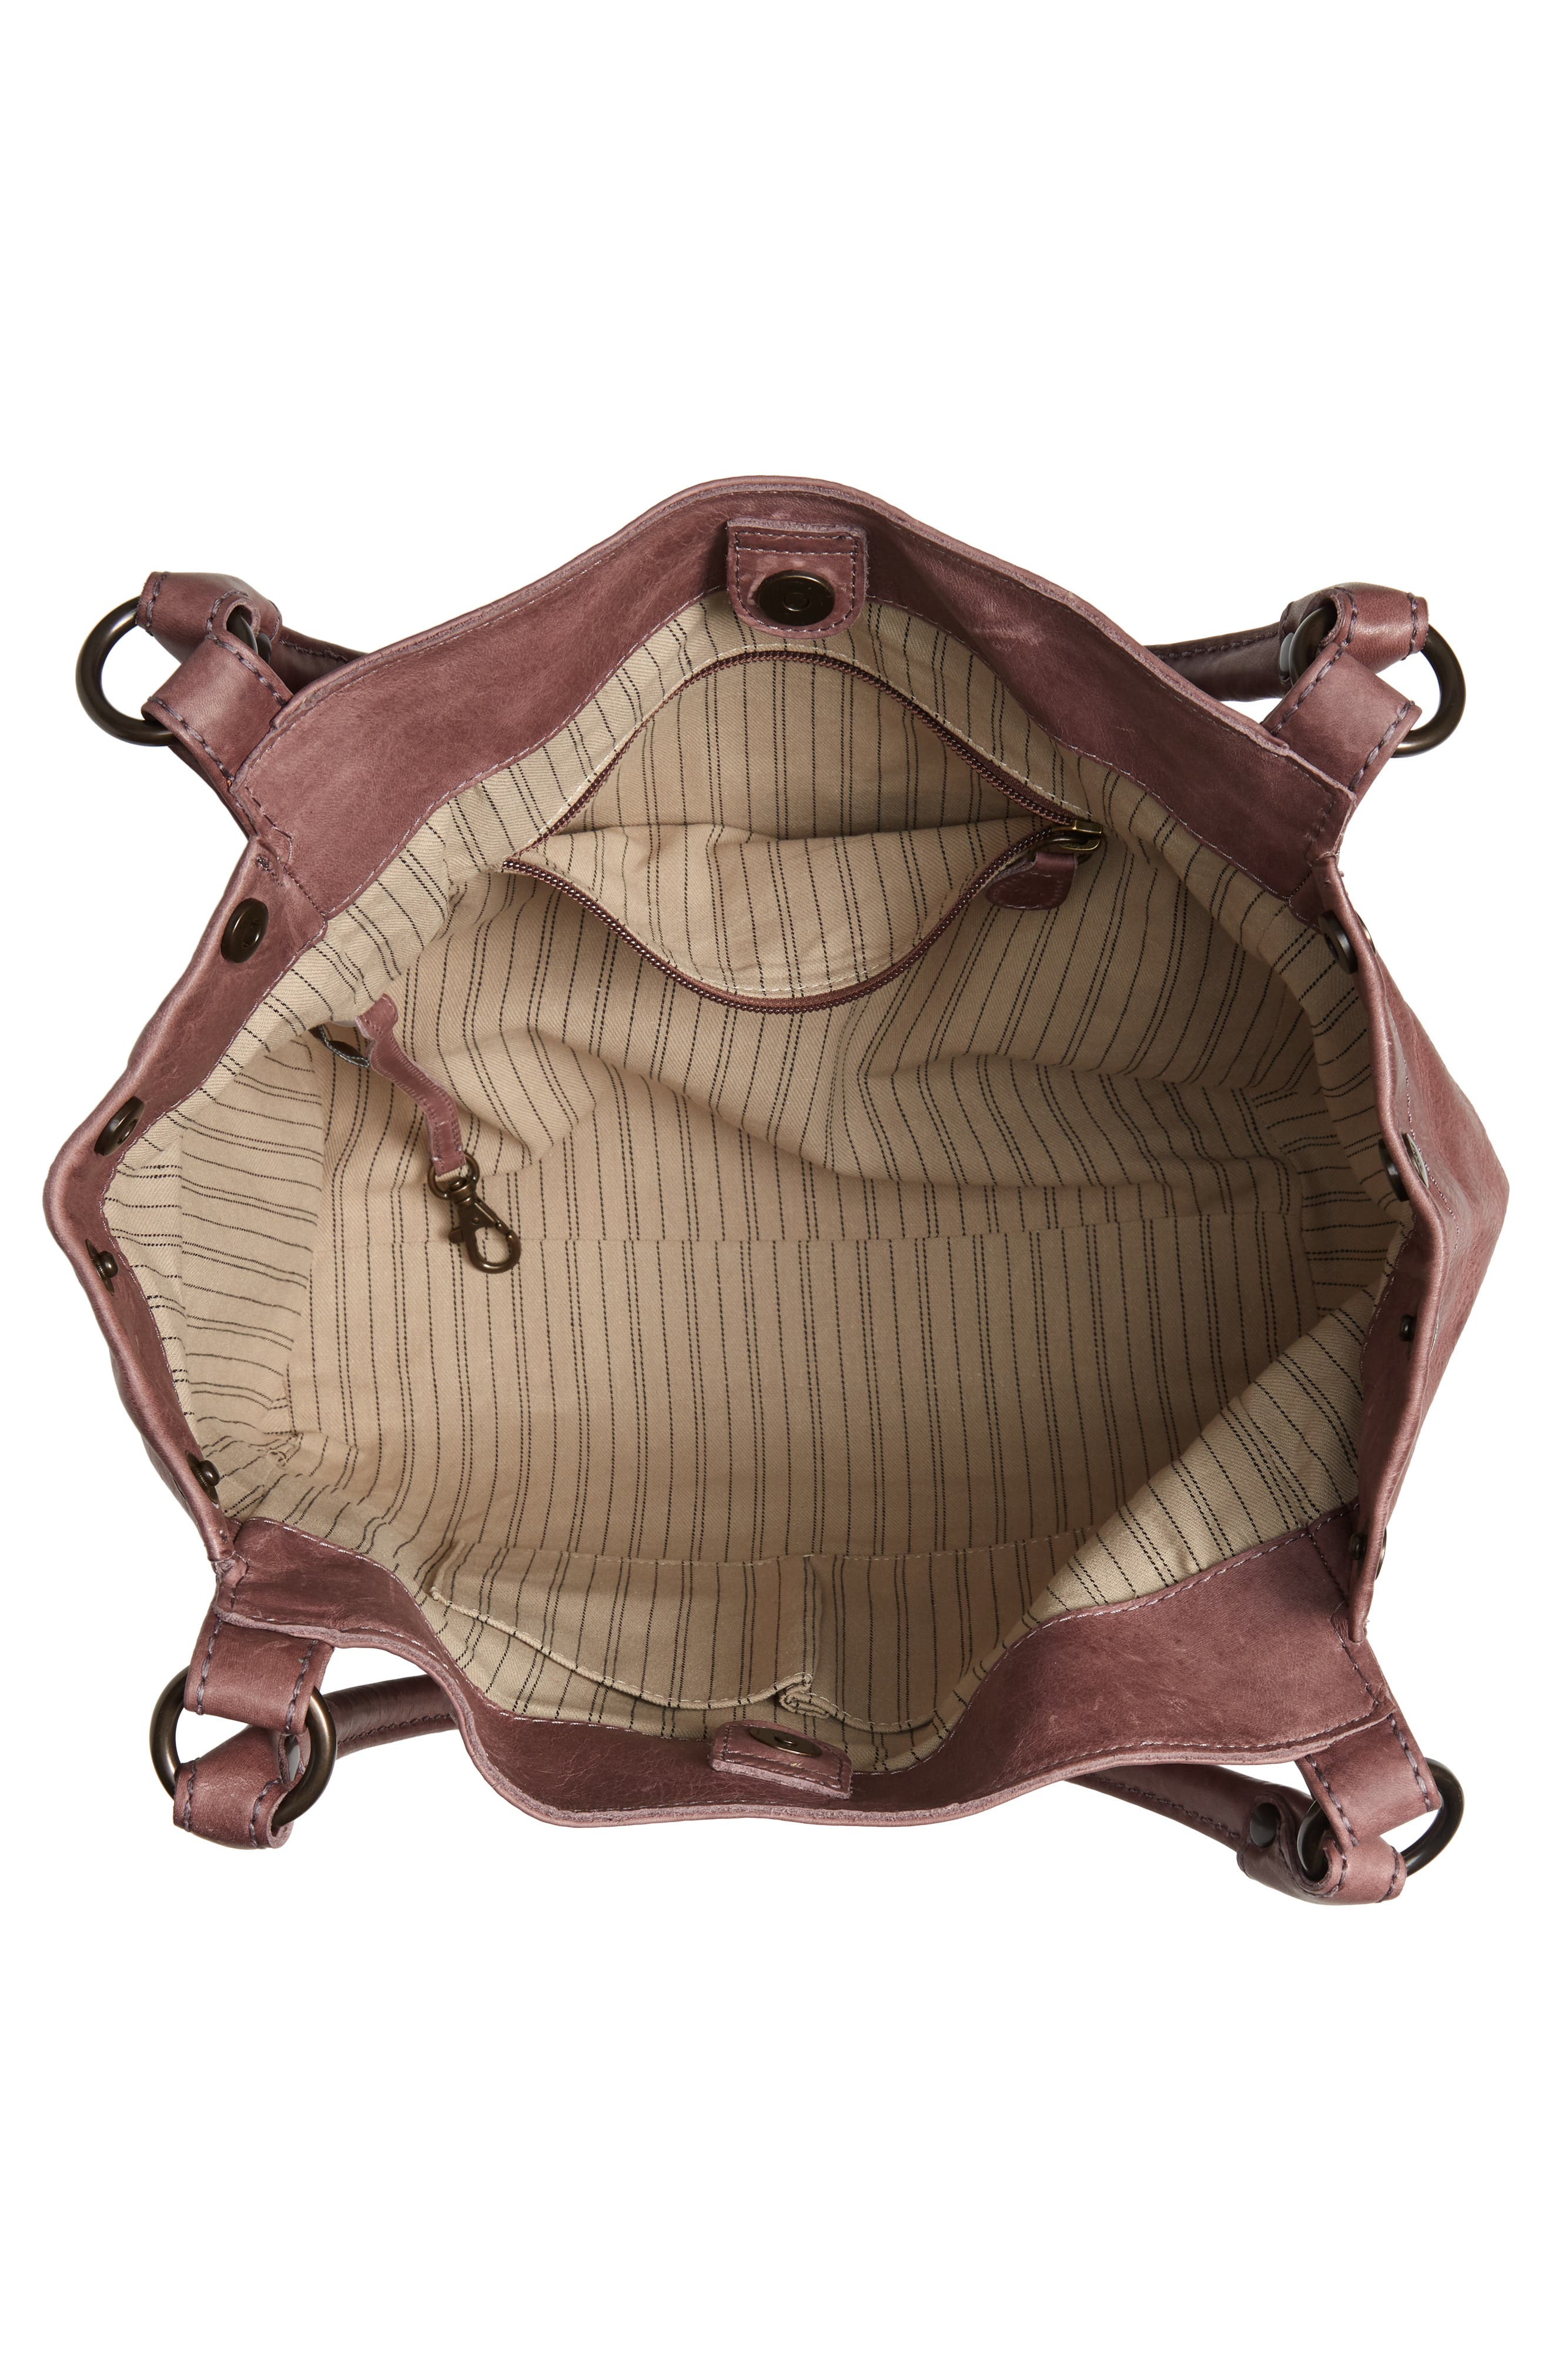 FRYE, Melissa Leather Shoulder Bag, Alternate thumbnail 5, color, LILAC